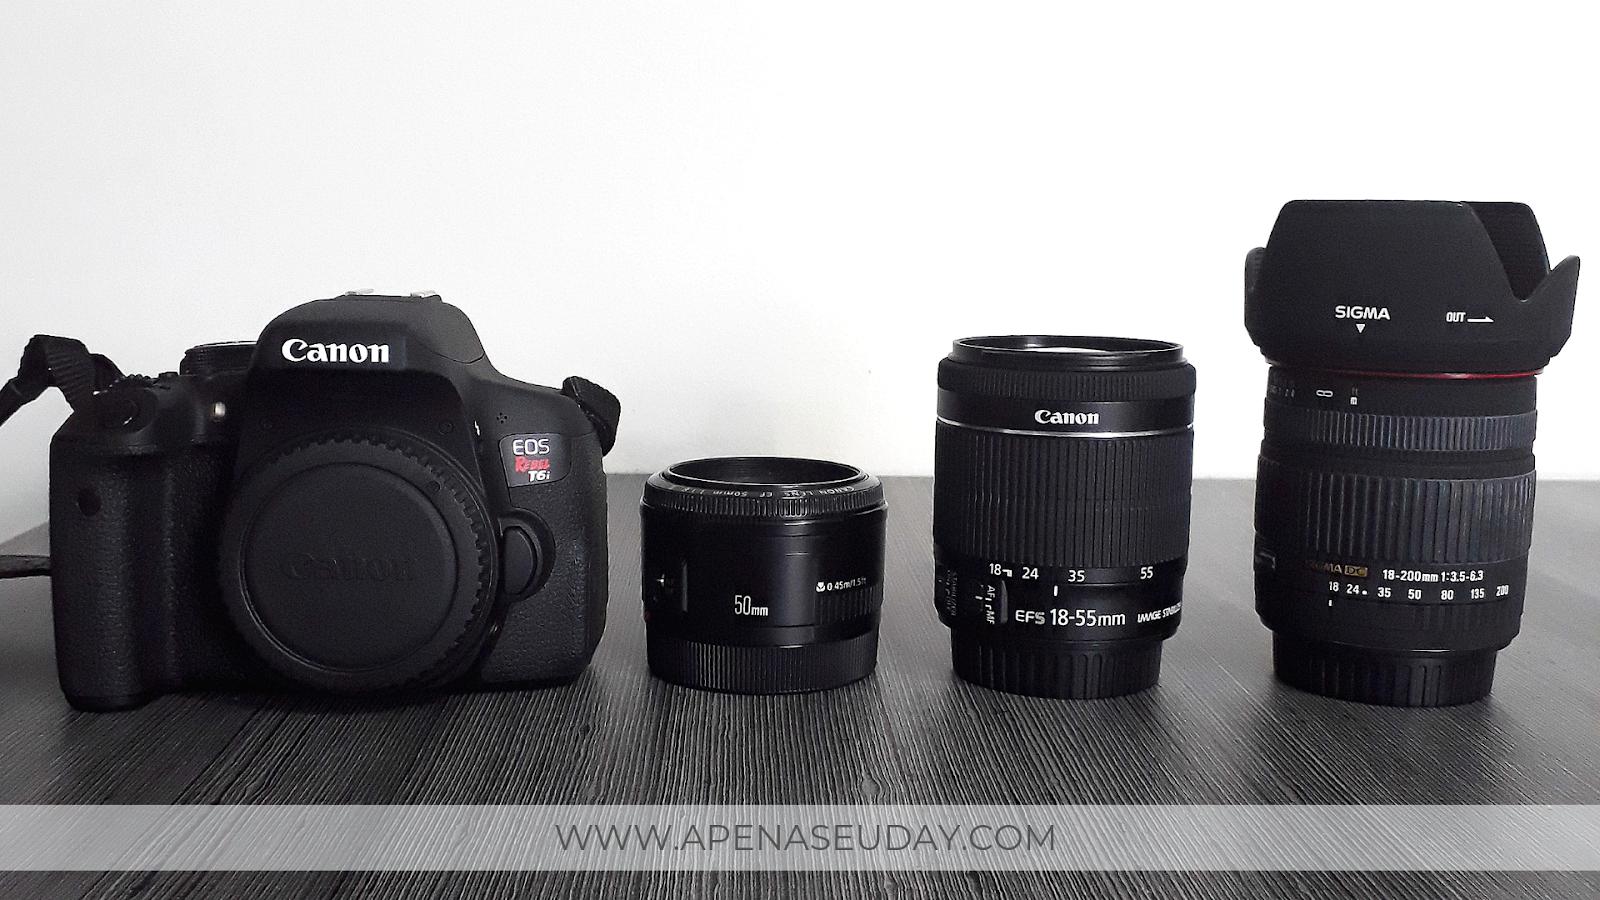 Tudo o que uma câmera para iniciantes precisa ter para amantes da fotografia. Canon T6i Rebel EOS com lente 18-55mm. Saiba mais agora mesmo!